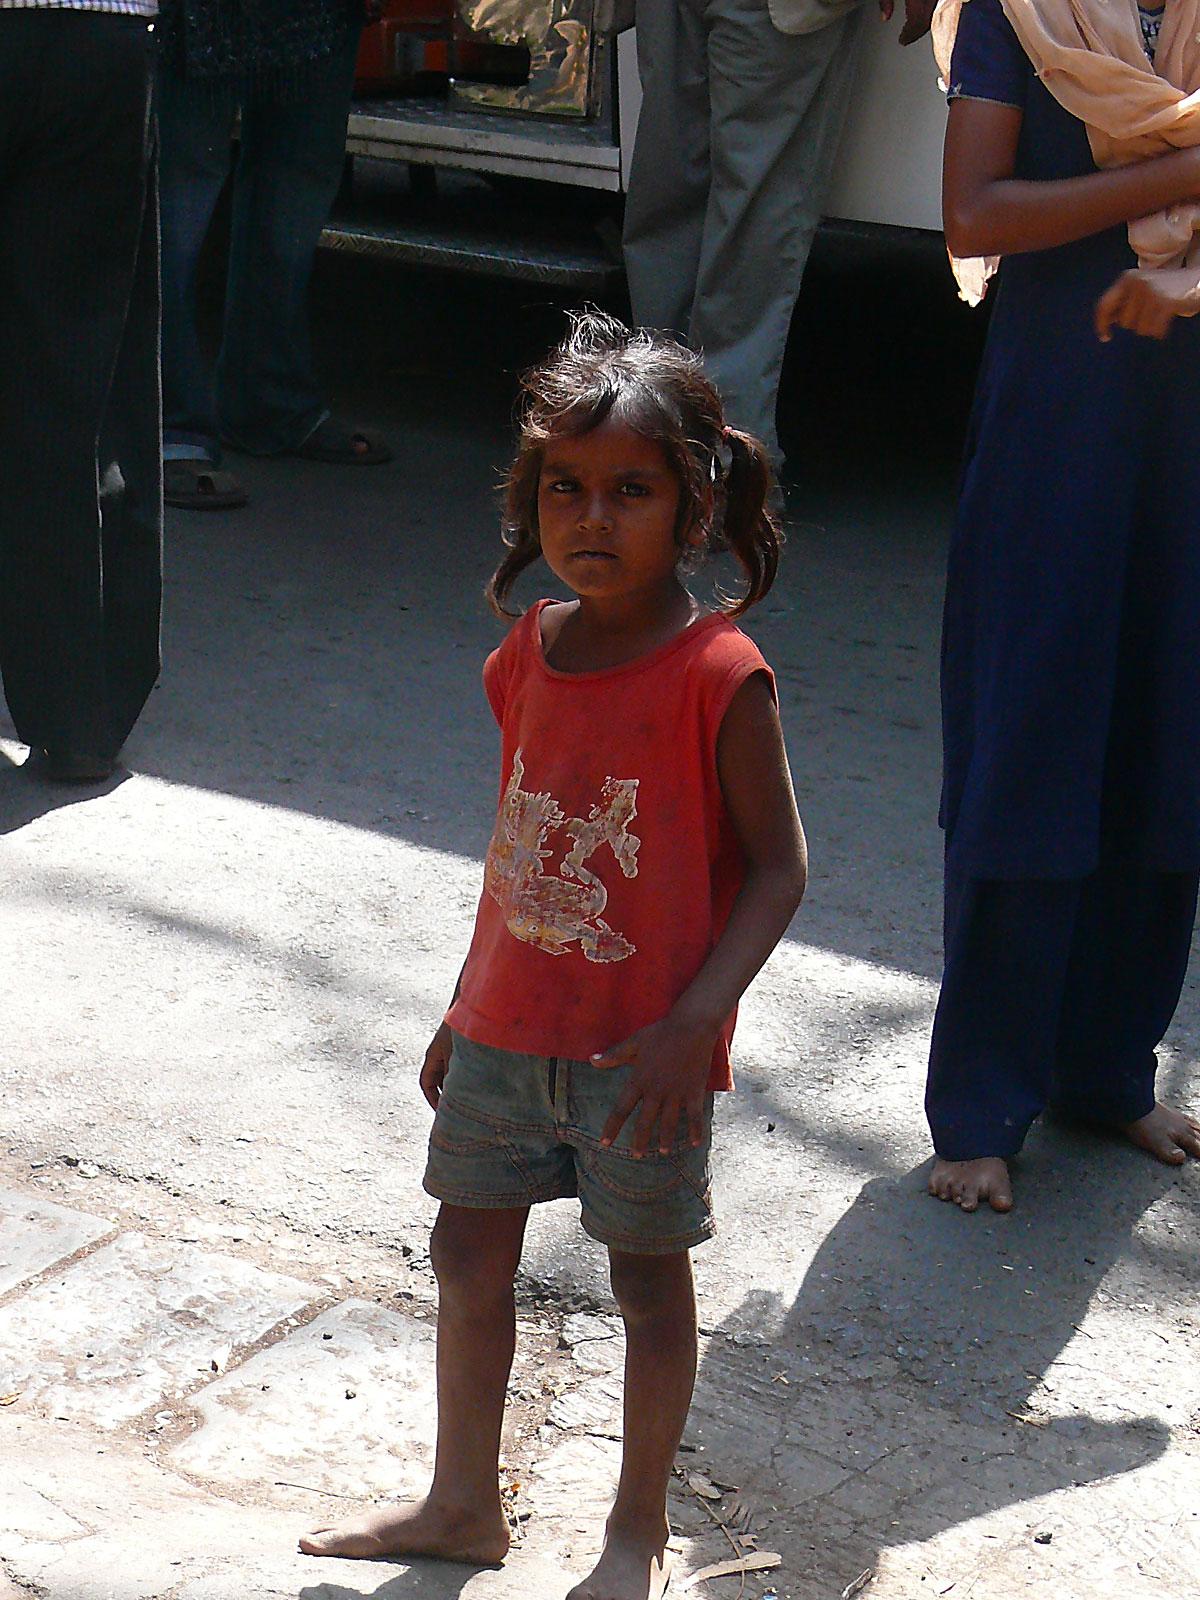 INDIEN MUMBAI Menschen Wohnen FINEST-onTour P1030439.jpg